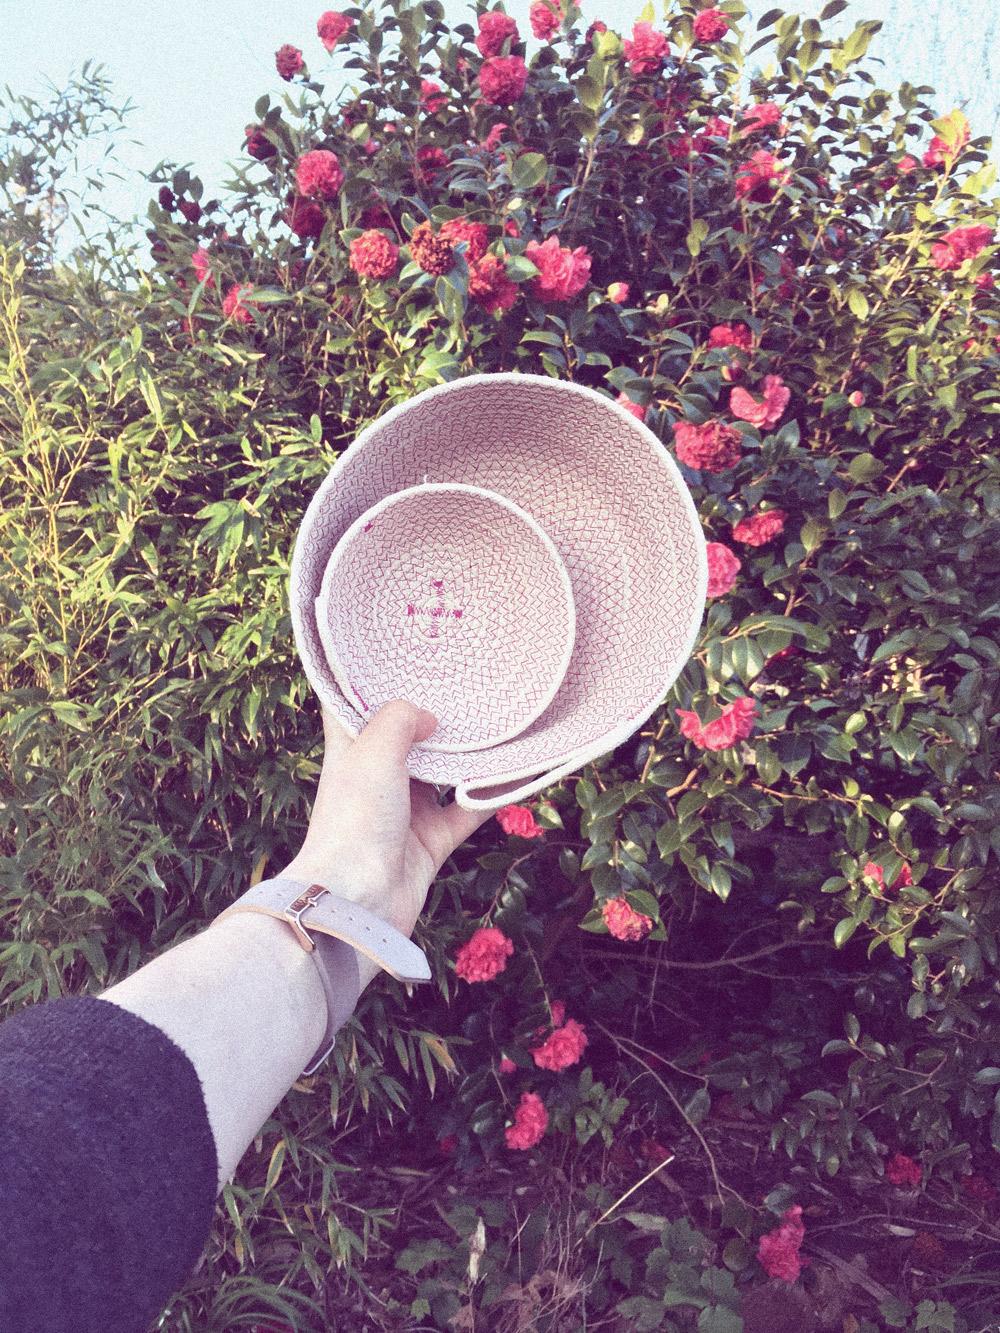 ropebasket.jpg